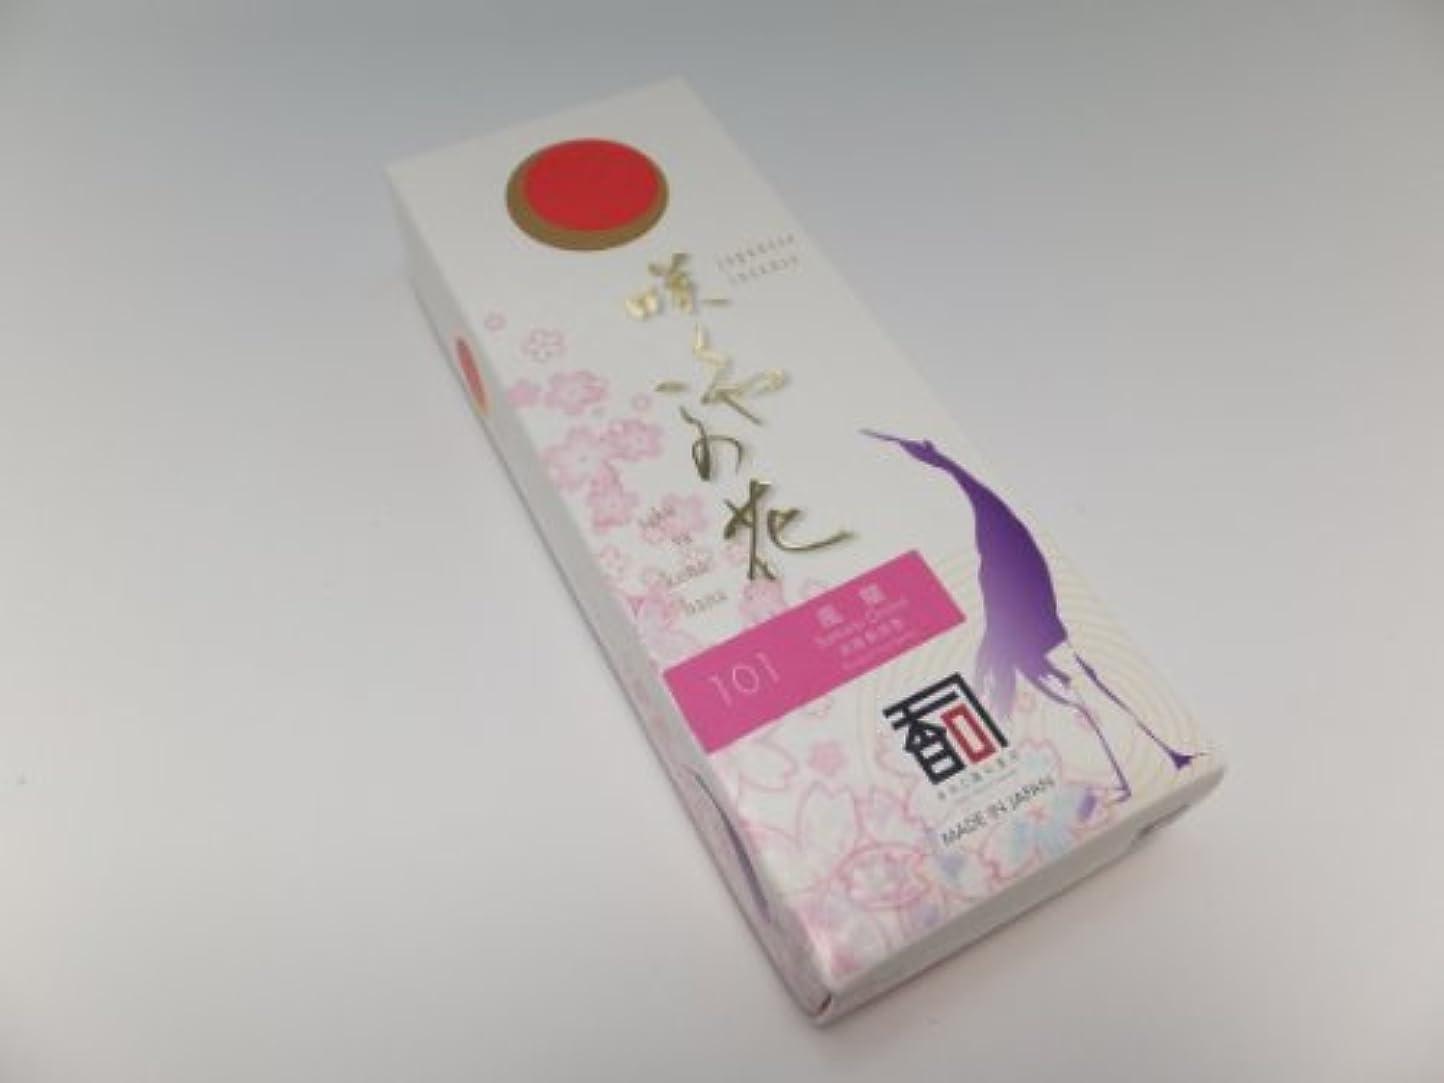 ファントム東方雄大な「あわじ島の香司」 日本の香りシリーズ  [咲くや この花] 【101】 風蘭 (煙少)